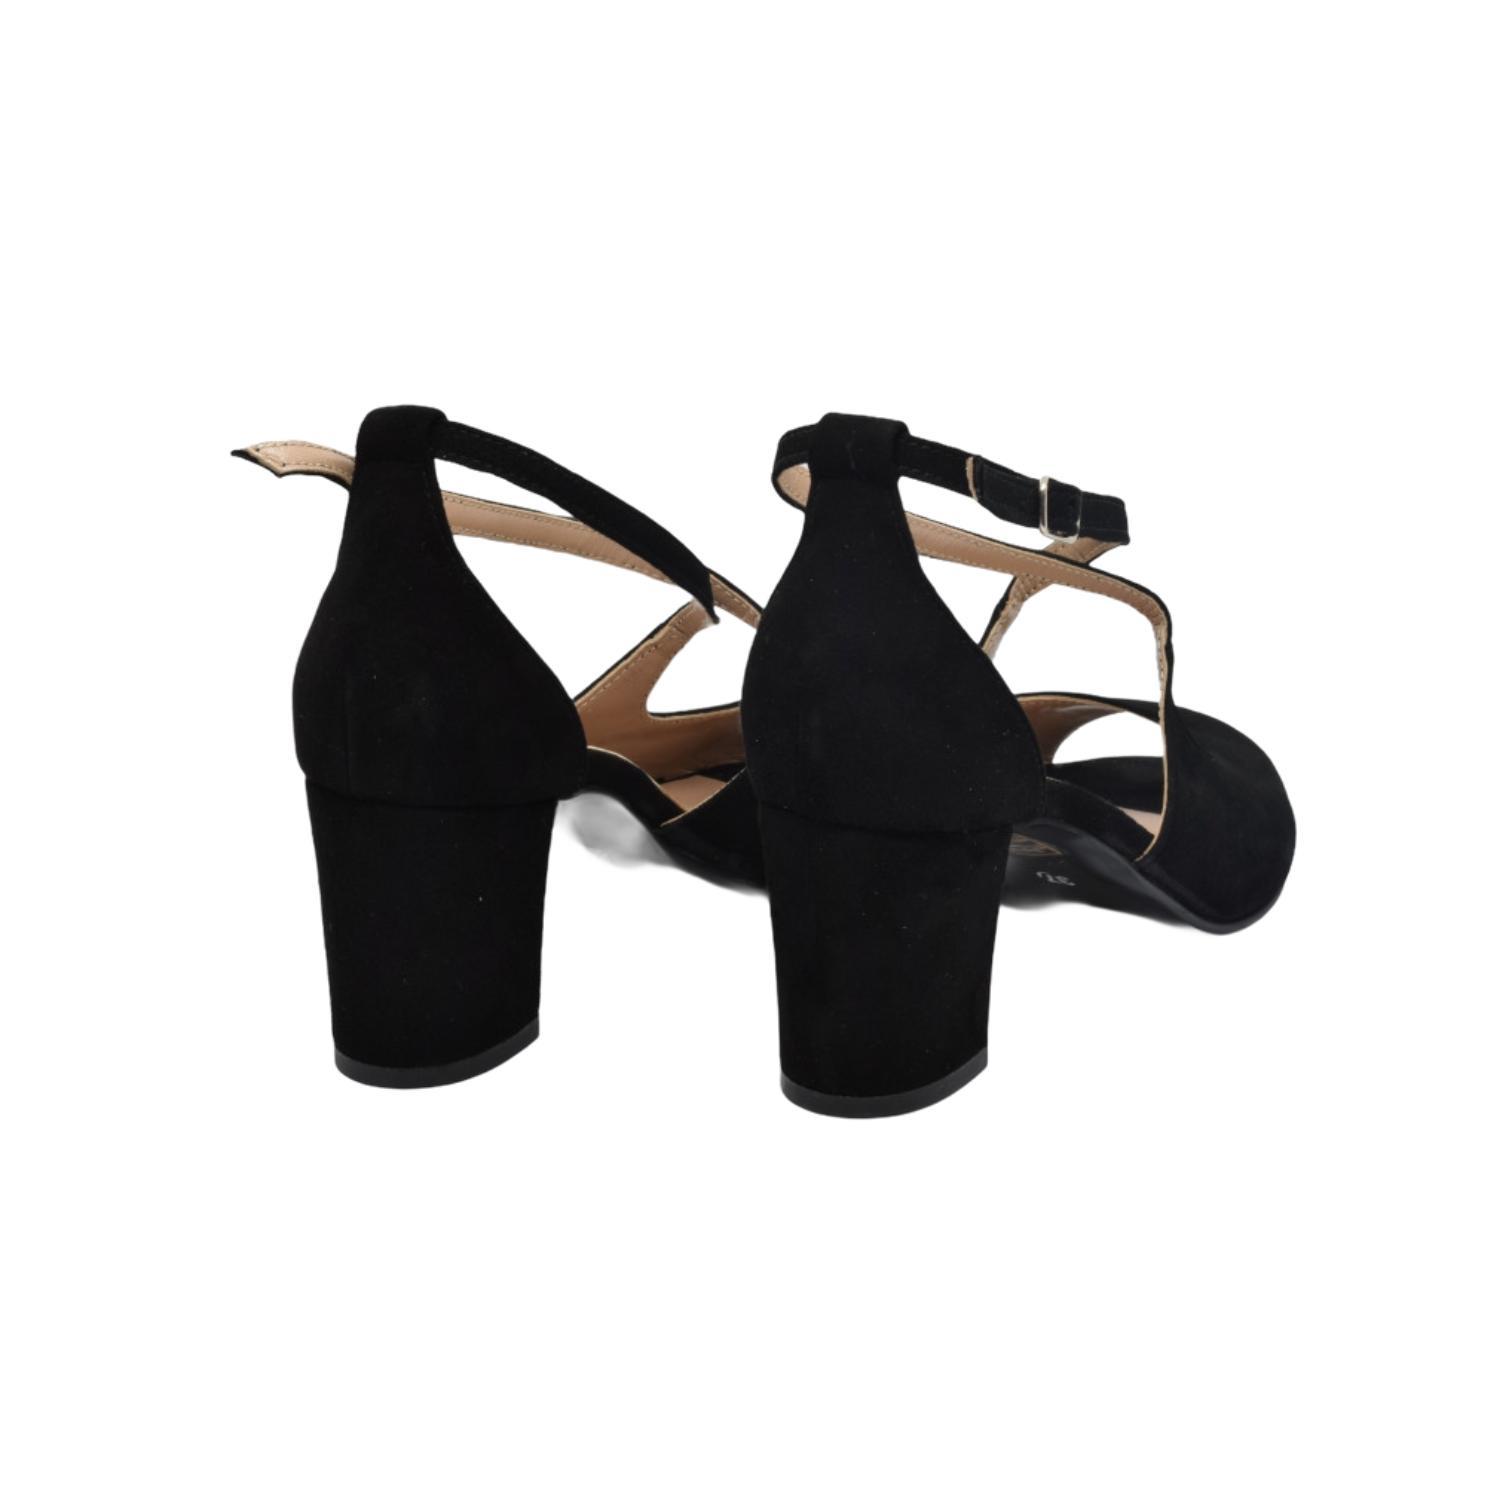 Sandale negru cu barete incucisate